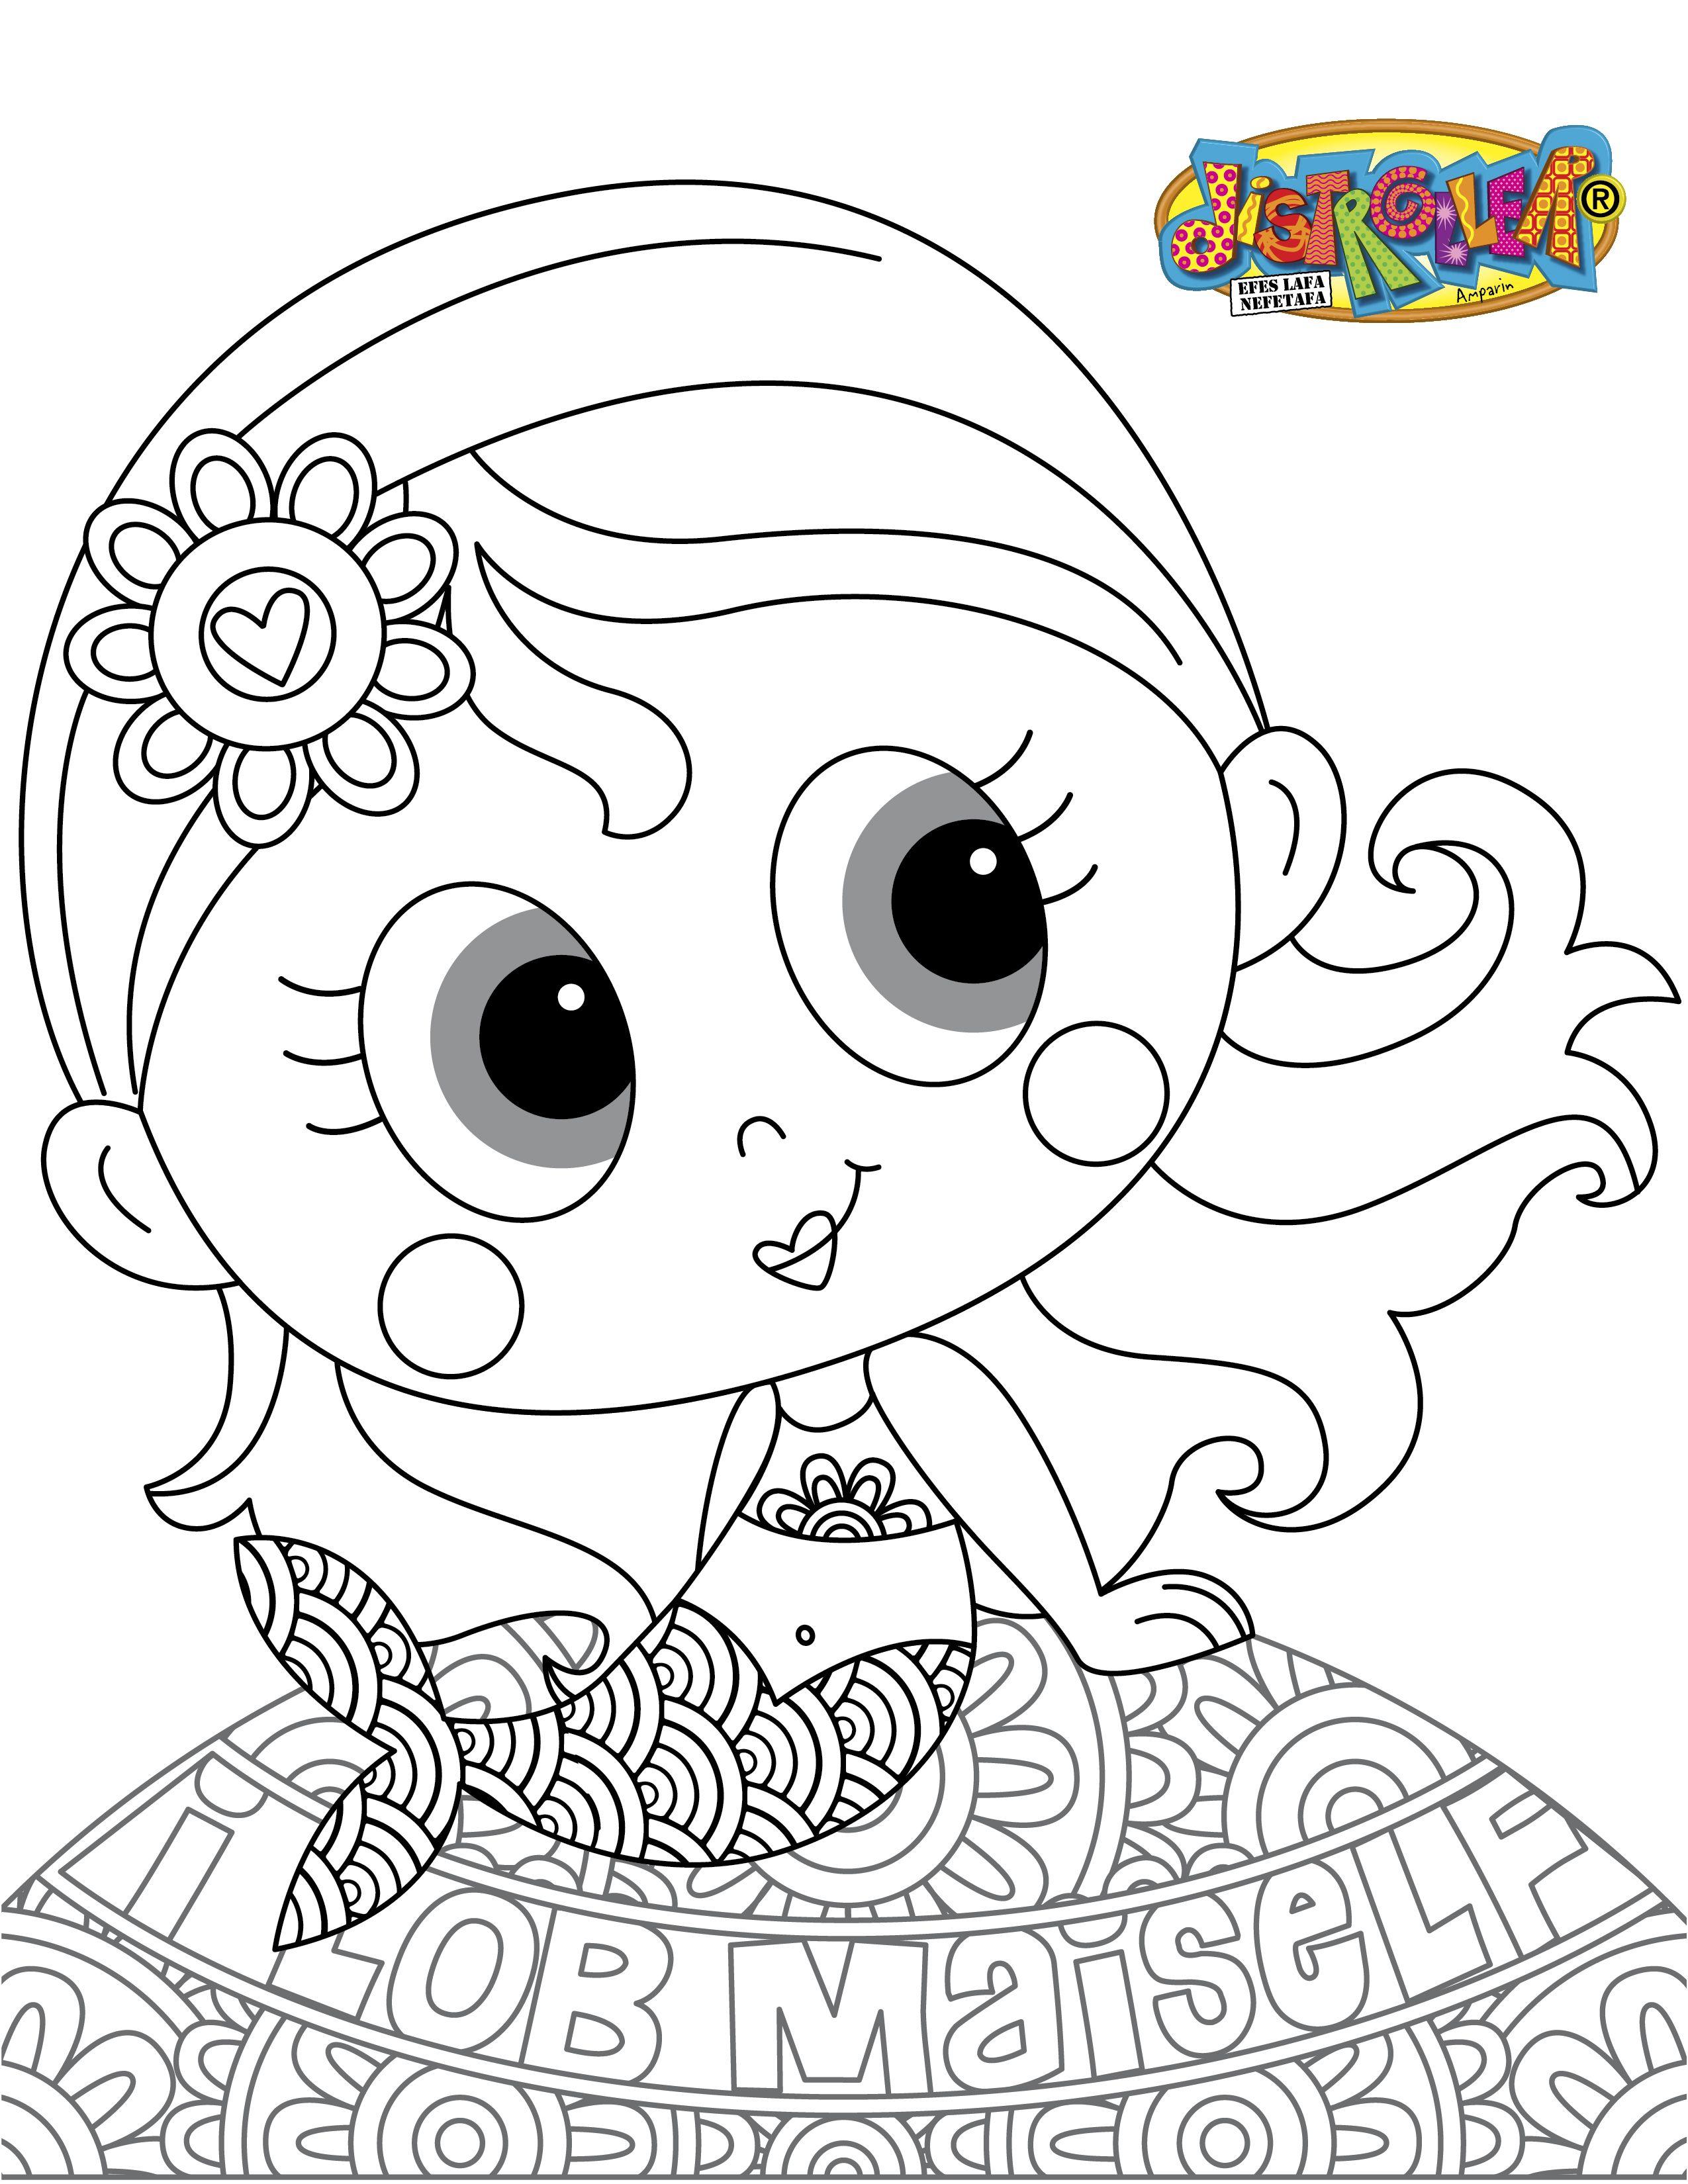 Pin de LMI KIDS en Distroller | Pinterest | Distroller, Pergamino y ...